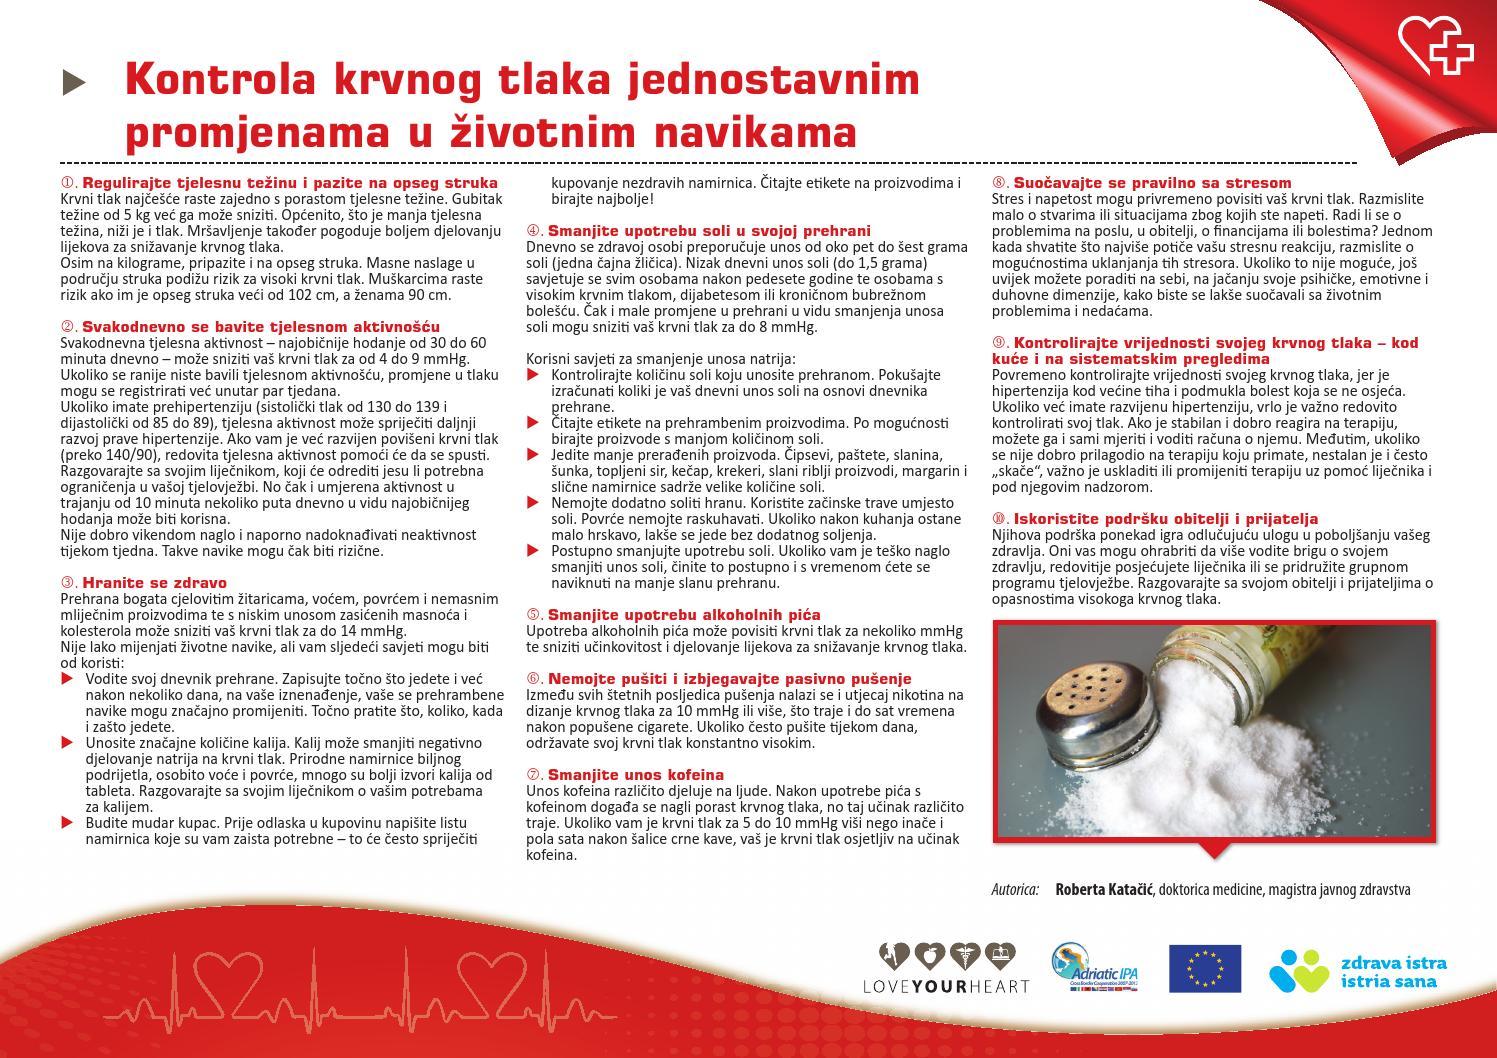 Učinak hipertenzije na život osobe ,je li moguće raditi na moru s hipertenzijom